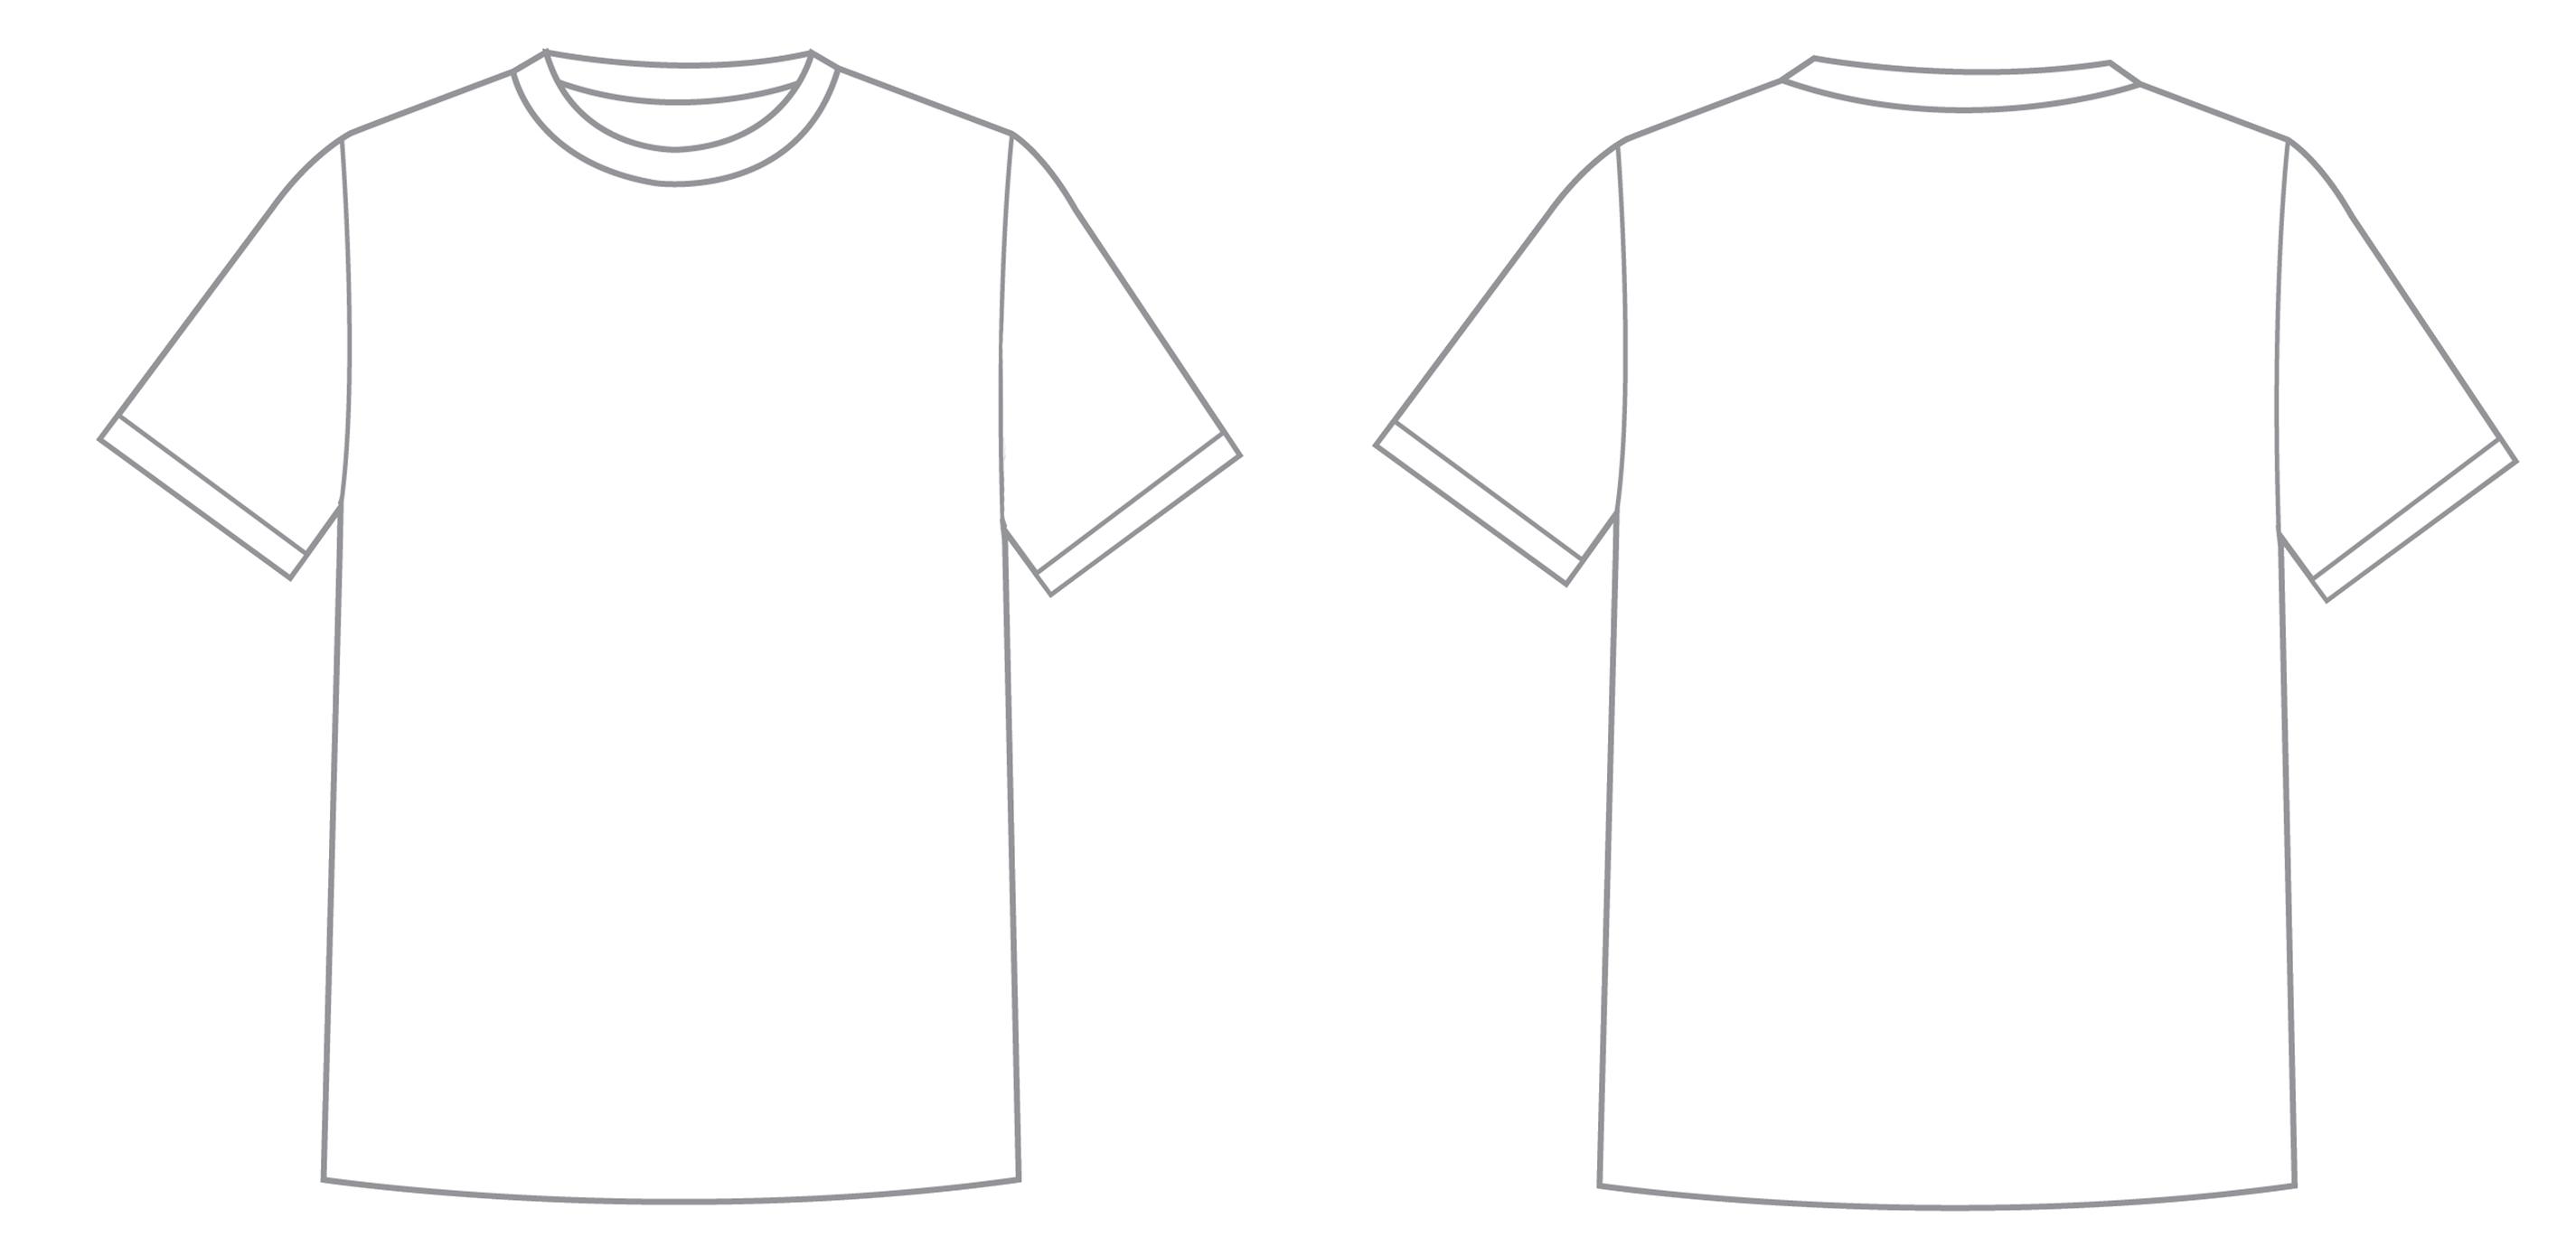 Gemütlich Rückseite Der T Shirt Vorlage Galerie - Beispiel ...